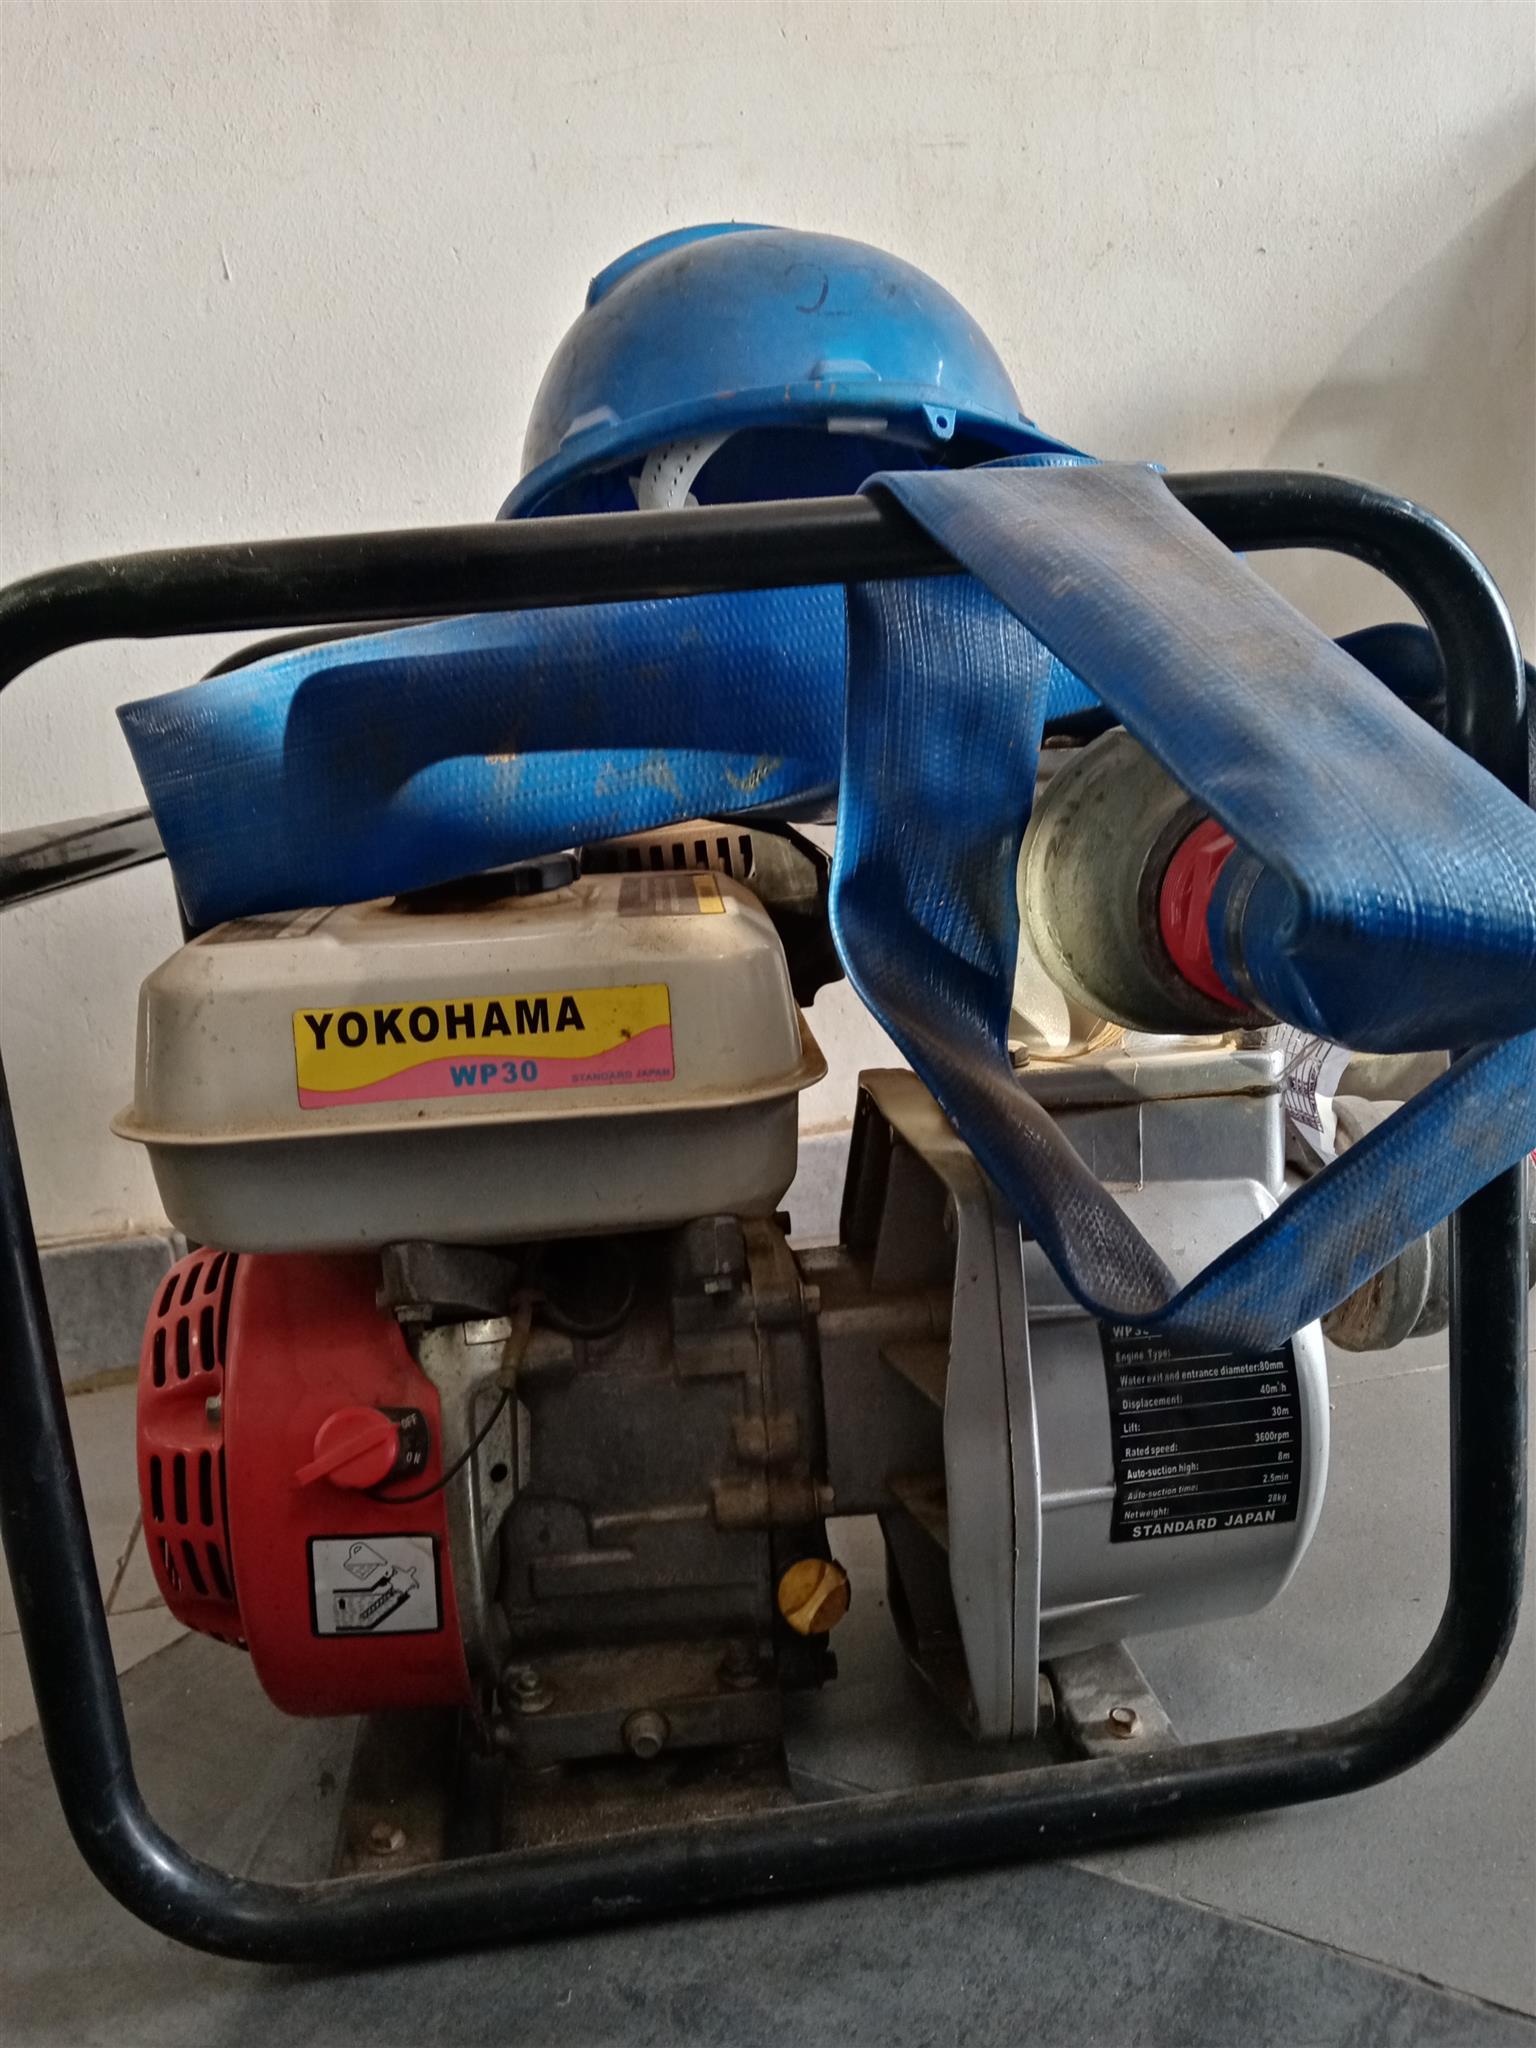 YOKOHAMA WP30. WATER PUMP SETT